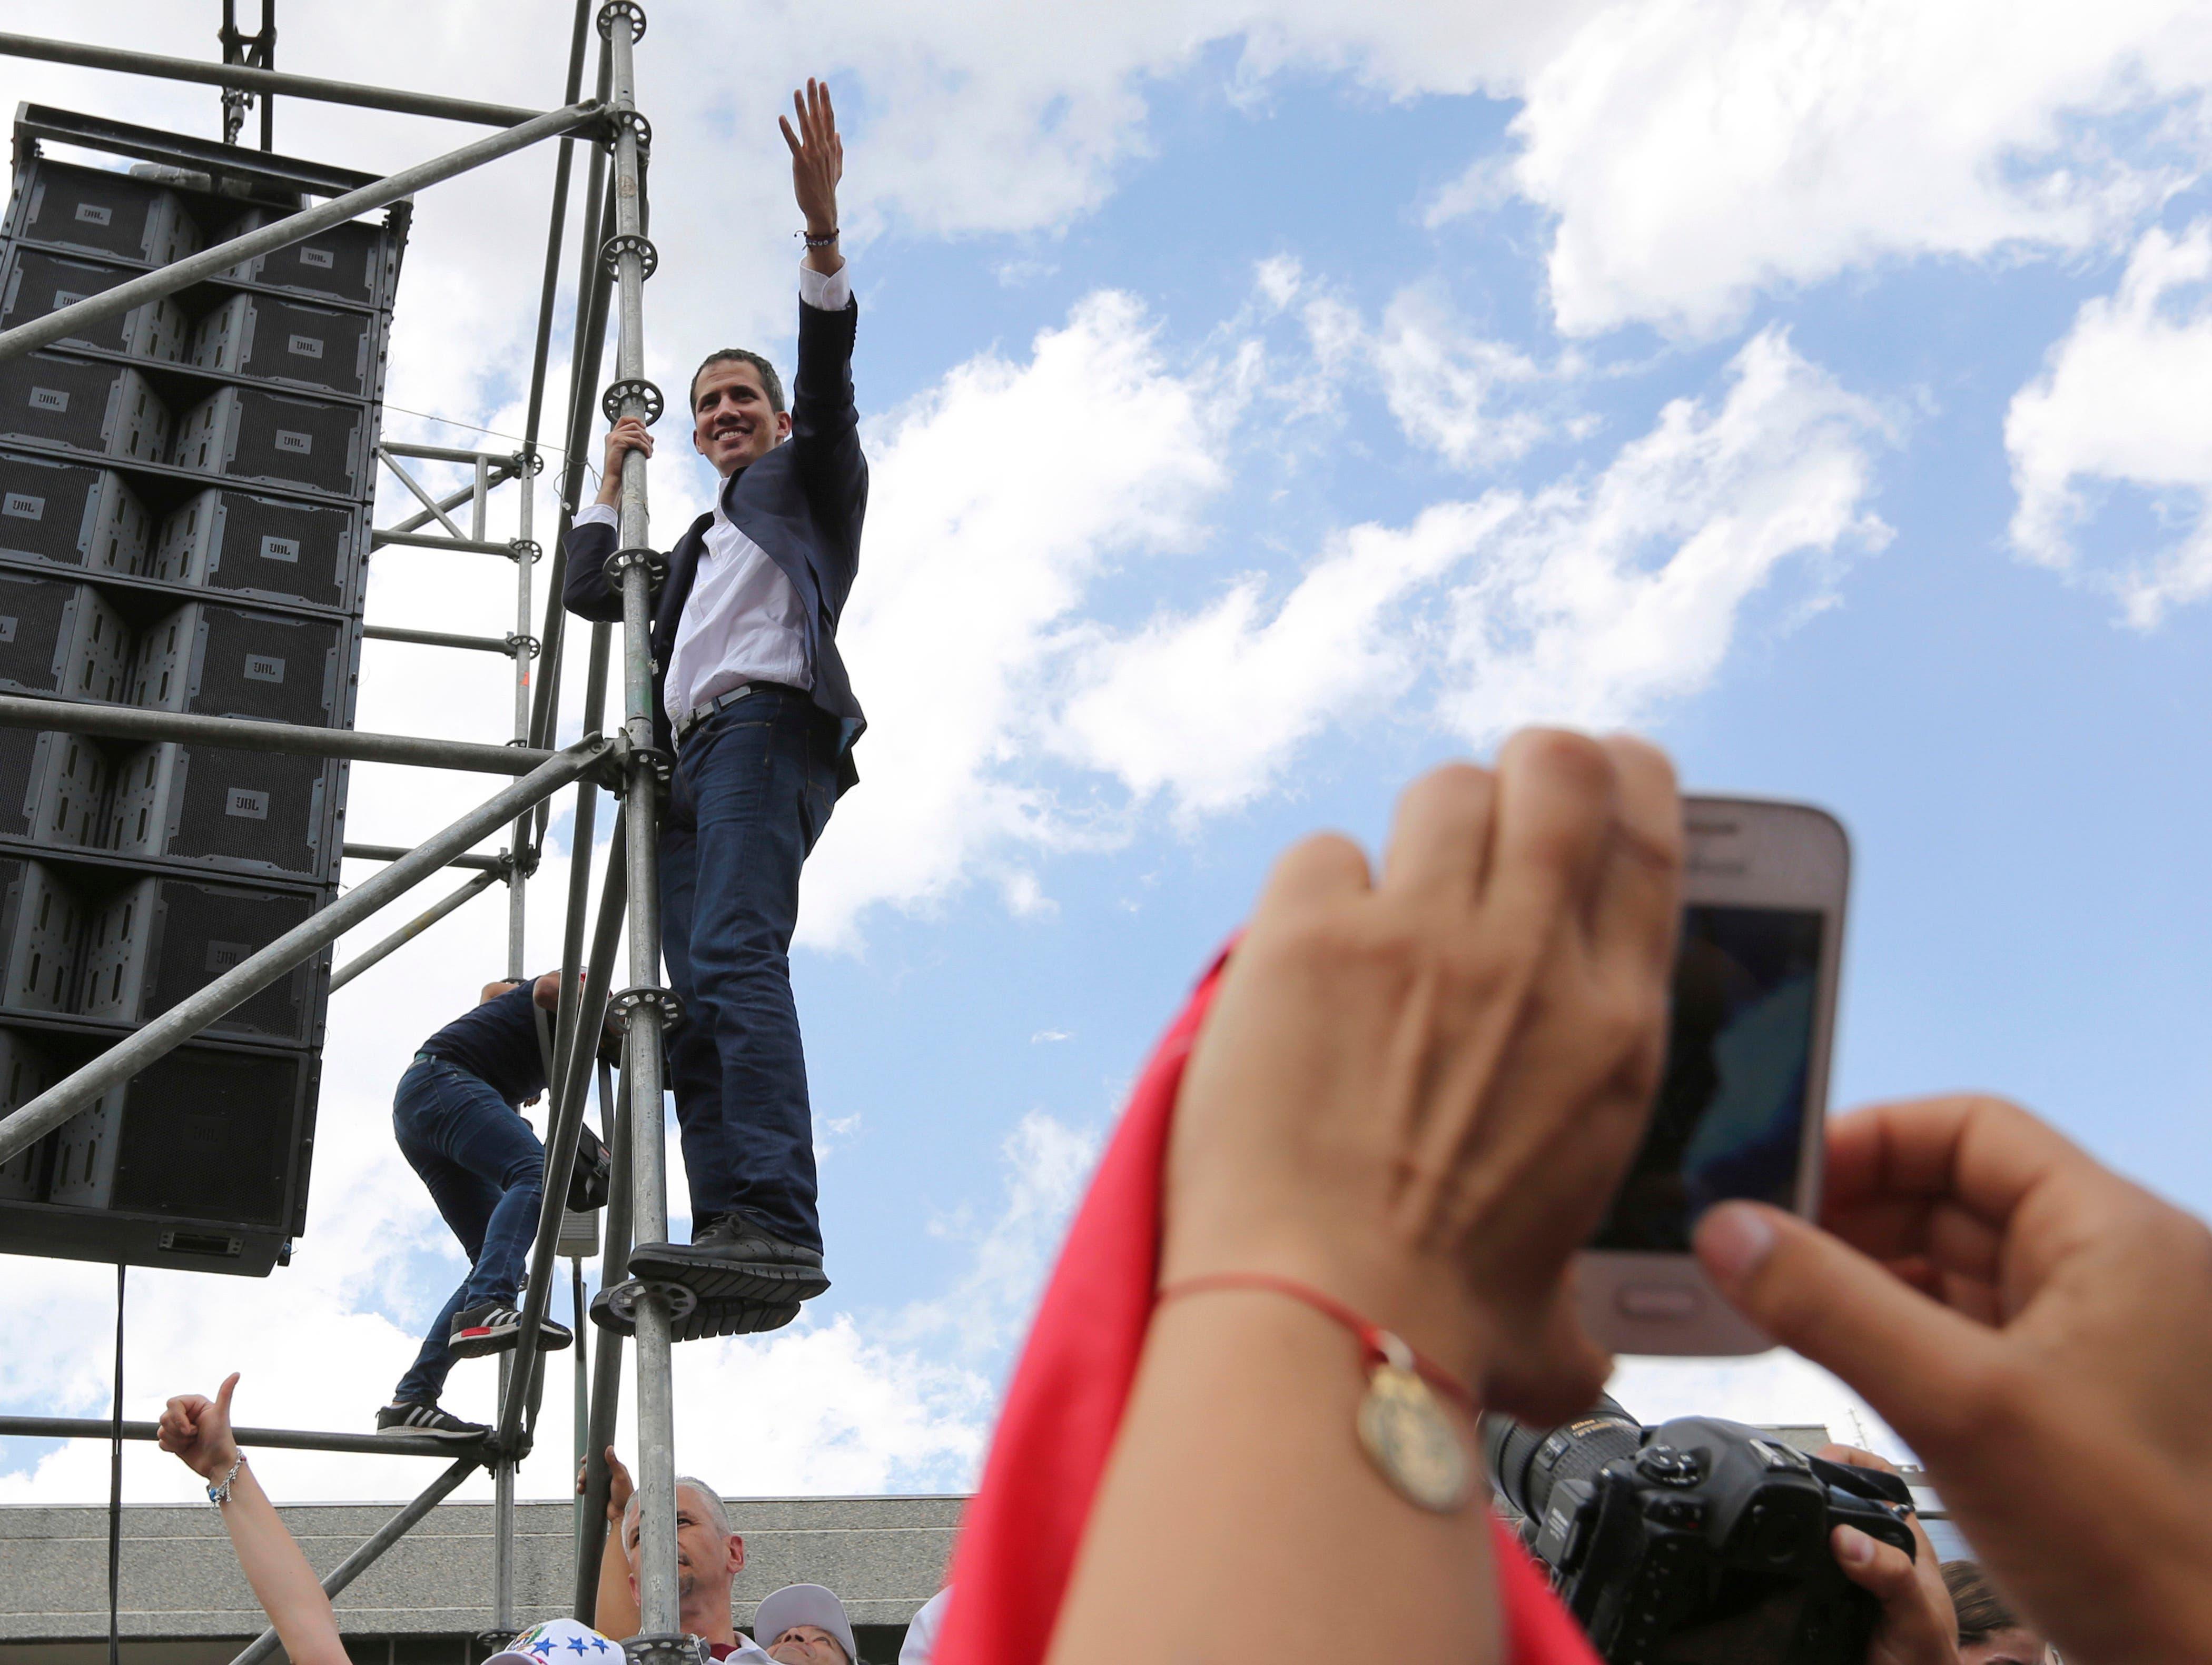 La advertencia de EEUU ante llegada de Guaidó a Venezuela